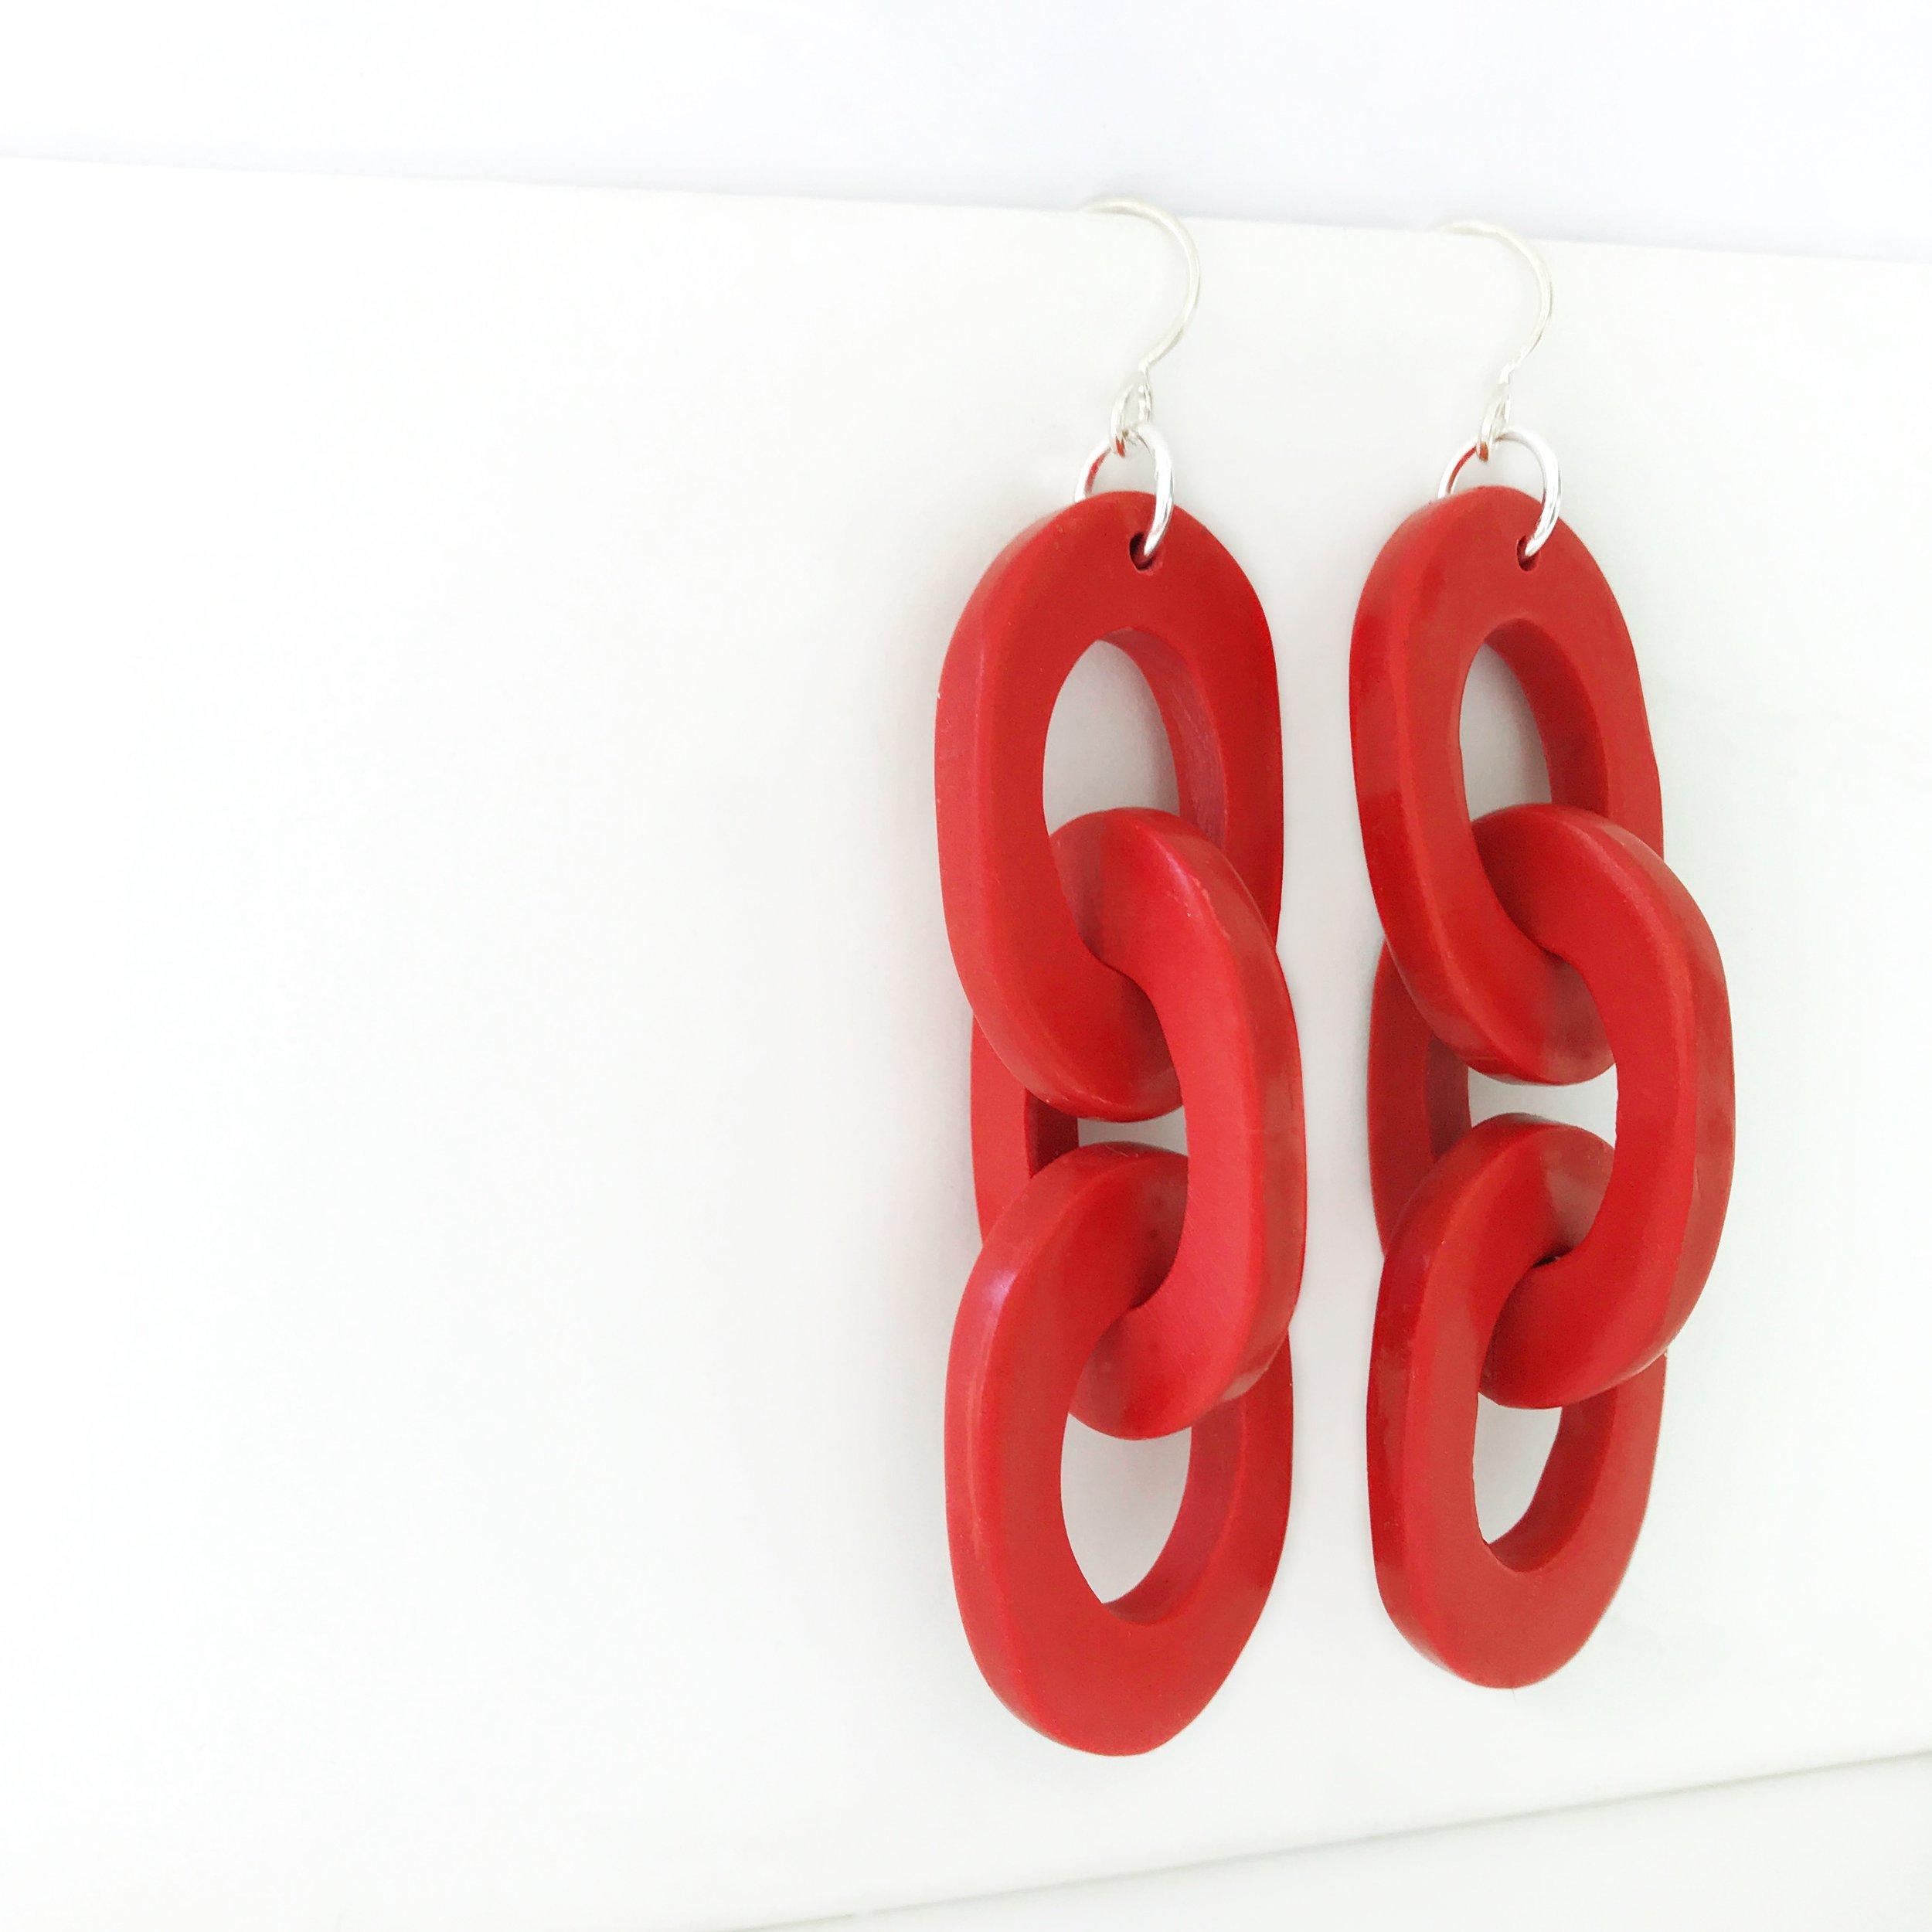 BIG CHAIN  earrings $18